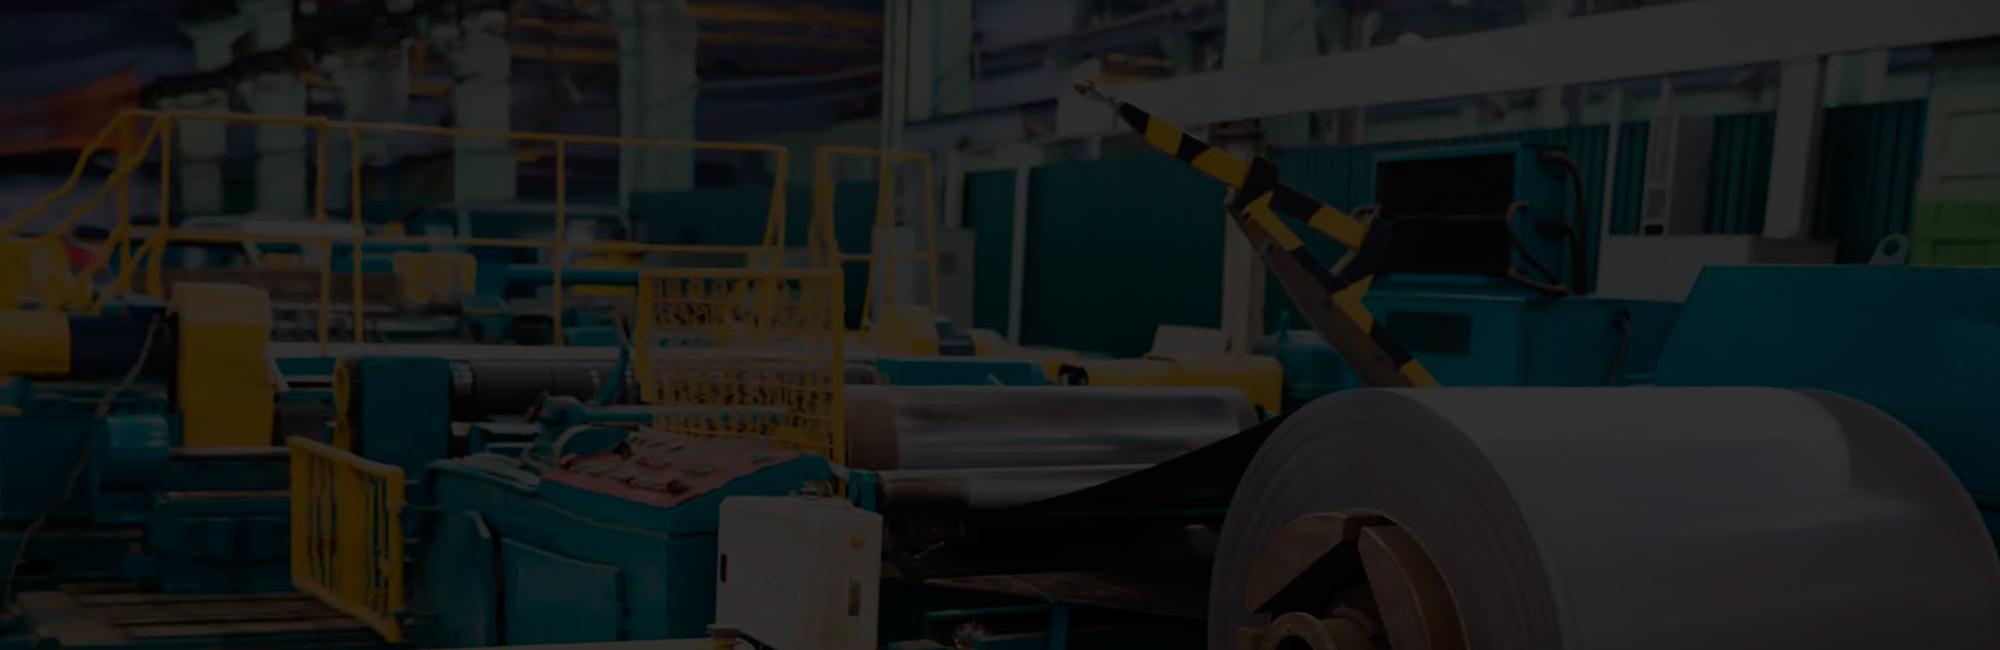 S0-Metallurgie-entreprise-Mpi-refendage-a-Lormaison-Oise-Picardie-nouvelle-usine-3